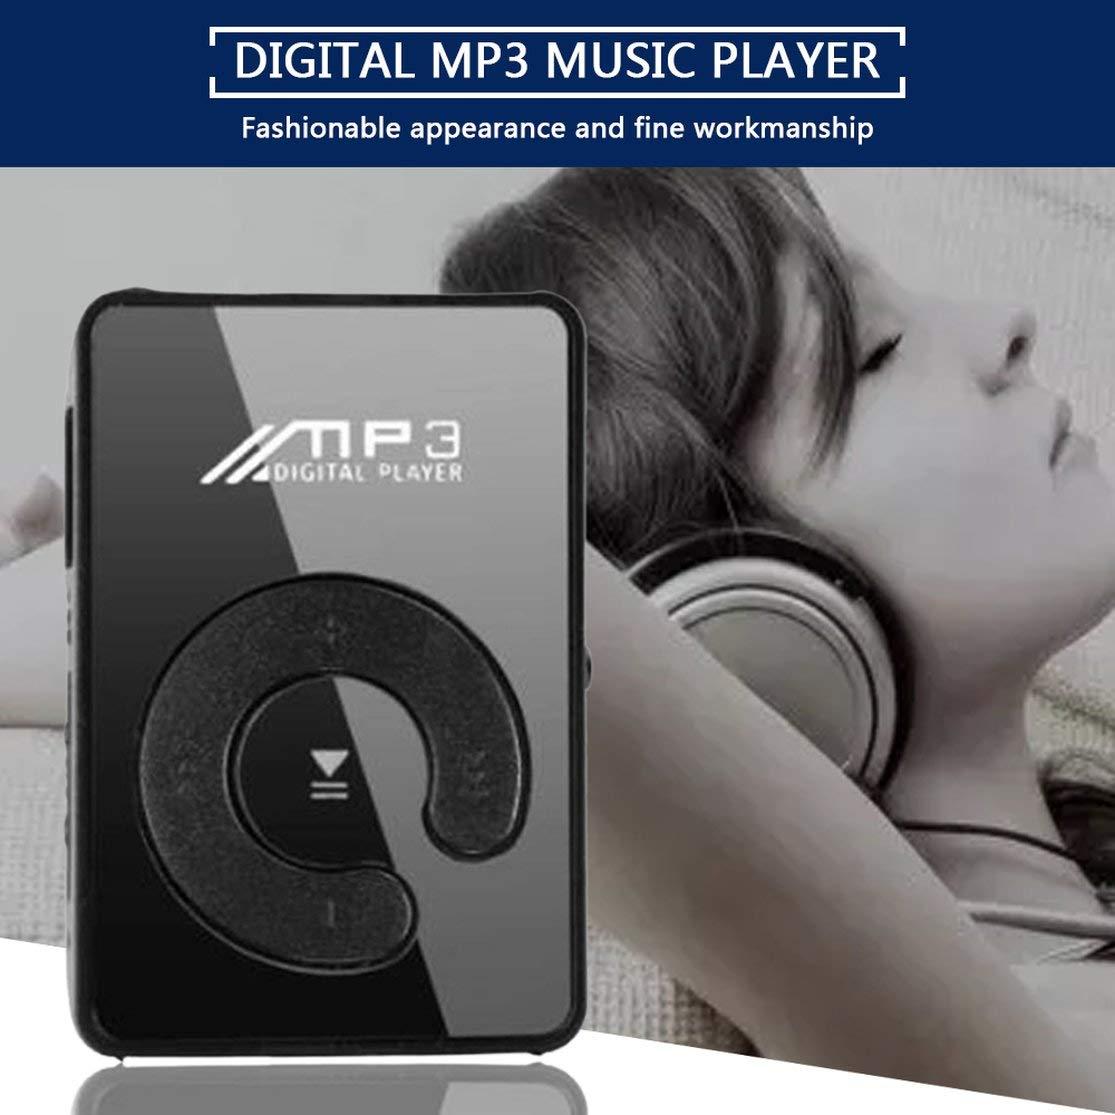 Mini Mirror Clip Lettore MP3 Portable Fashion Sport USB Digital Music Player Micro SD TF Card Media Player Color:Black